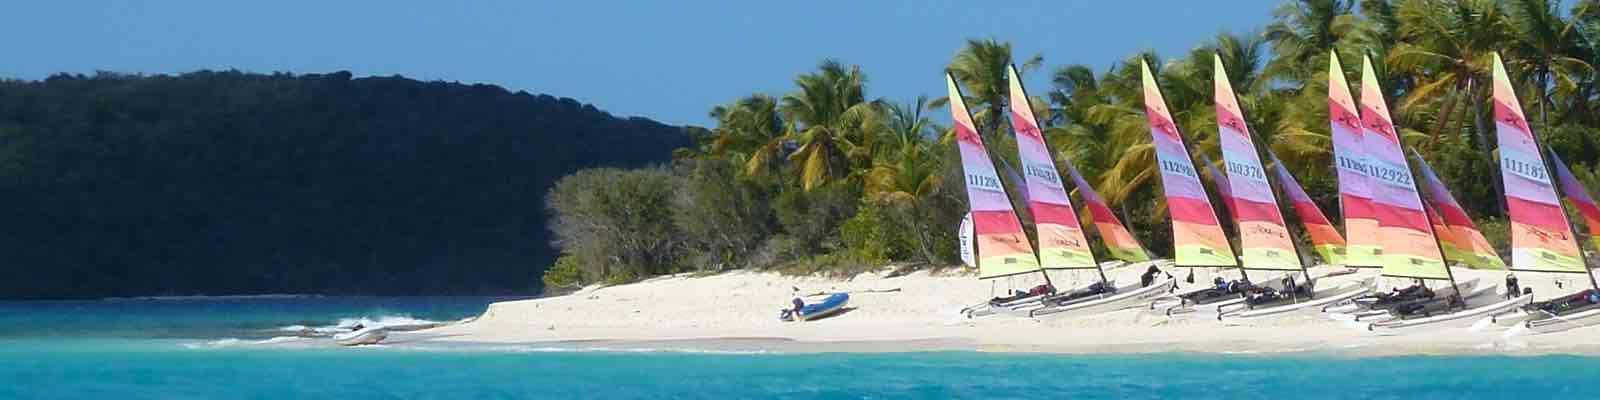 Cabin Charter Sailing